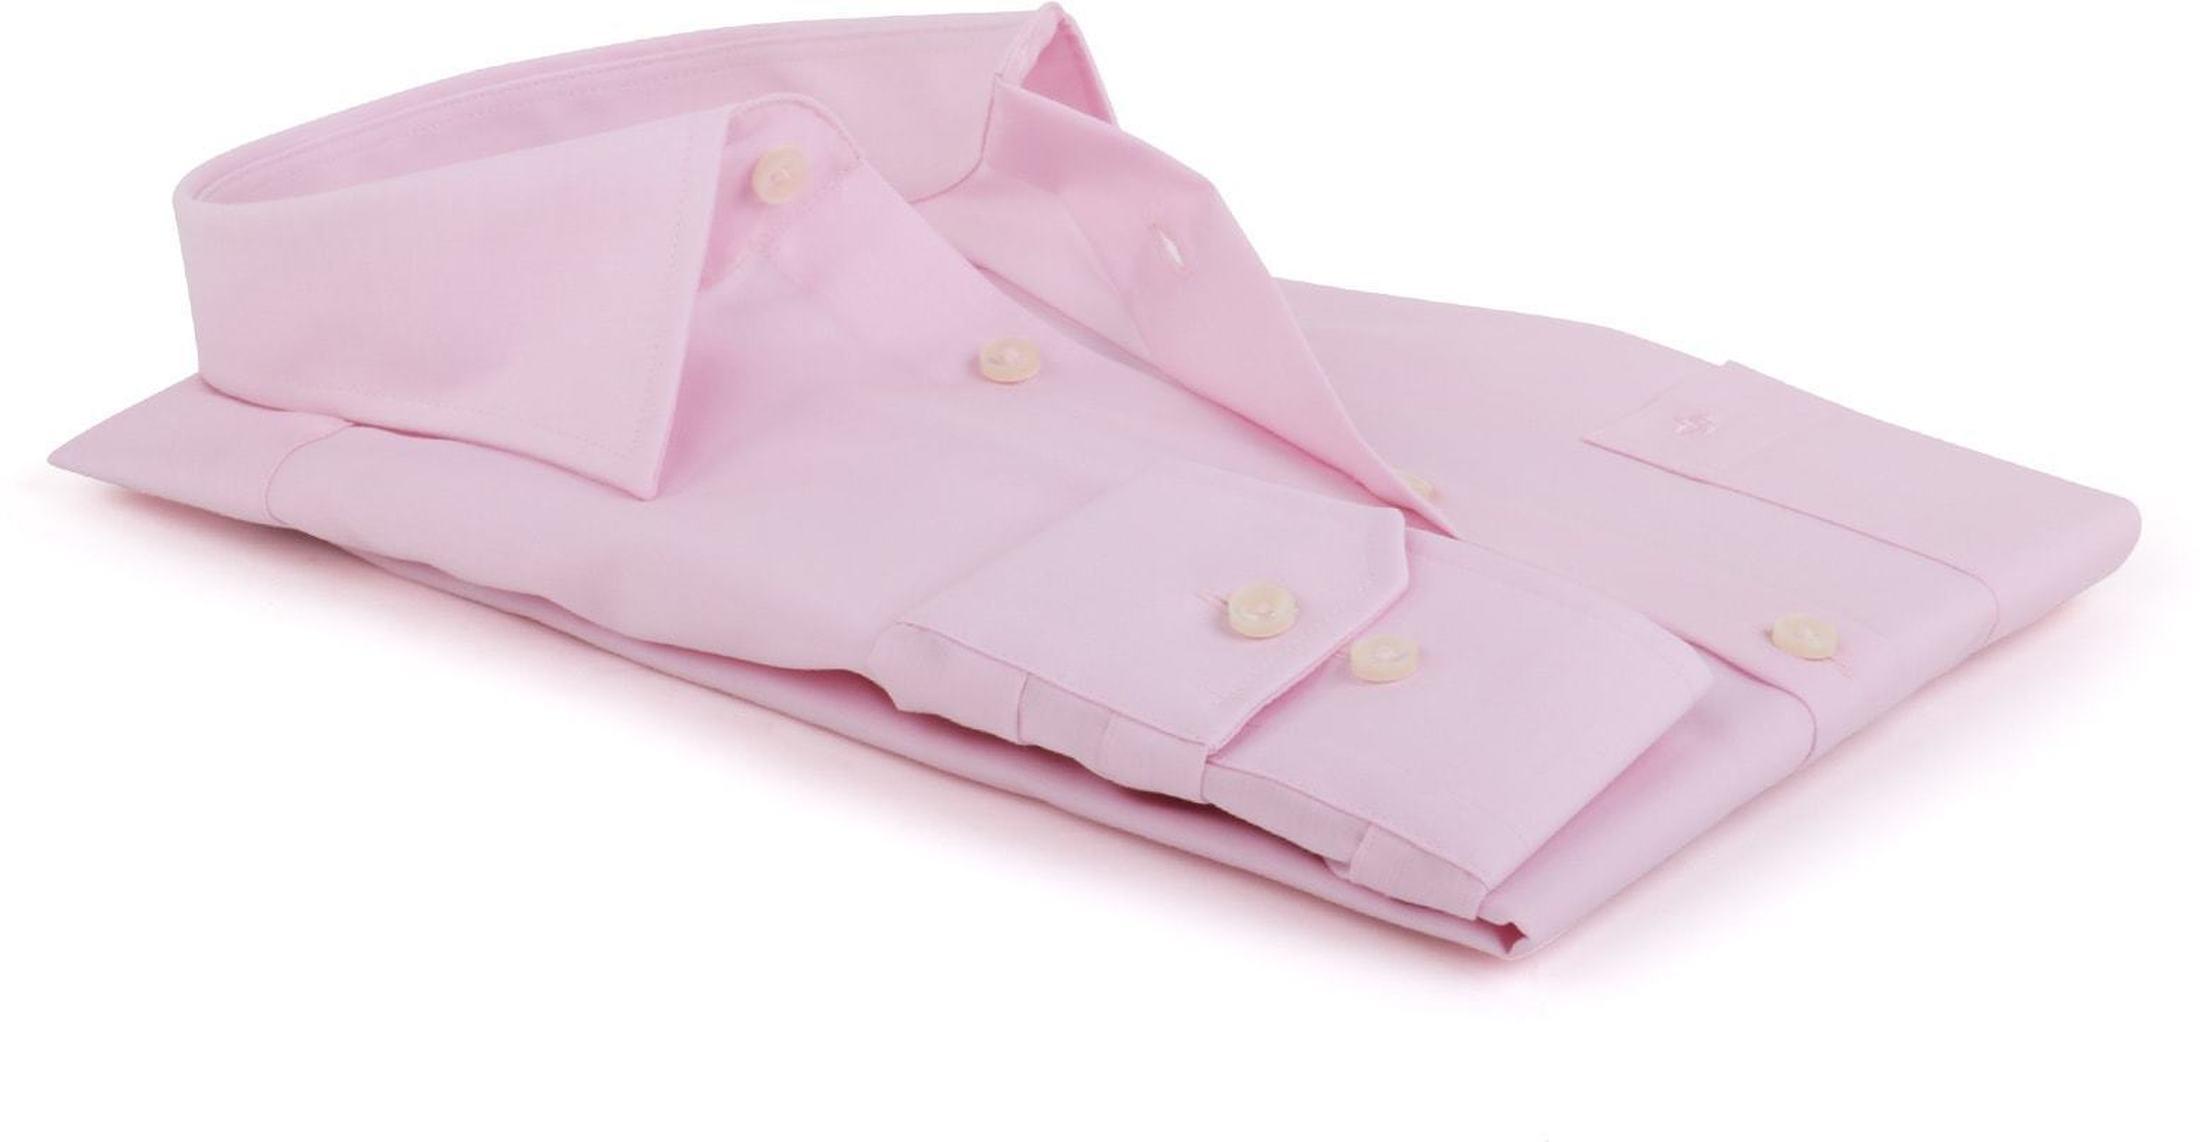 Seidensticker Splendesto Overhemd Roze foto 2